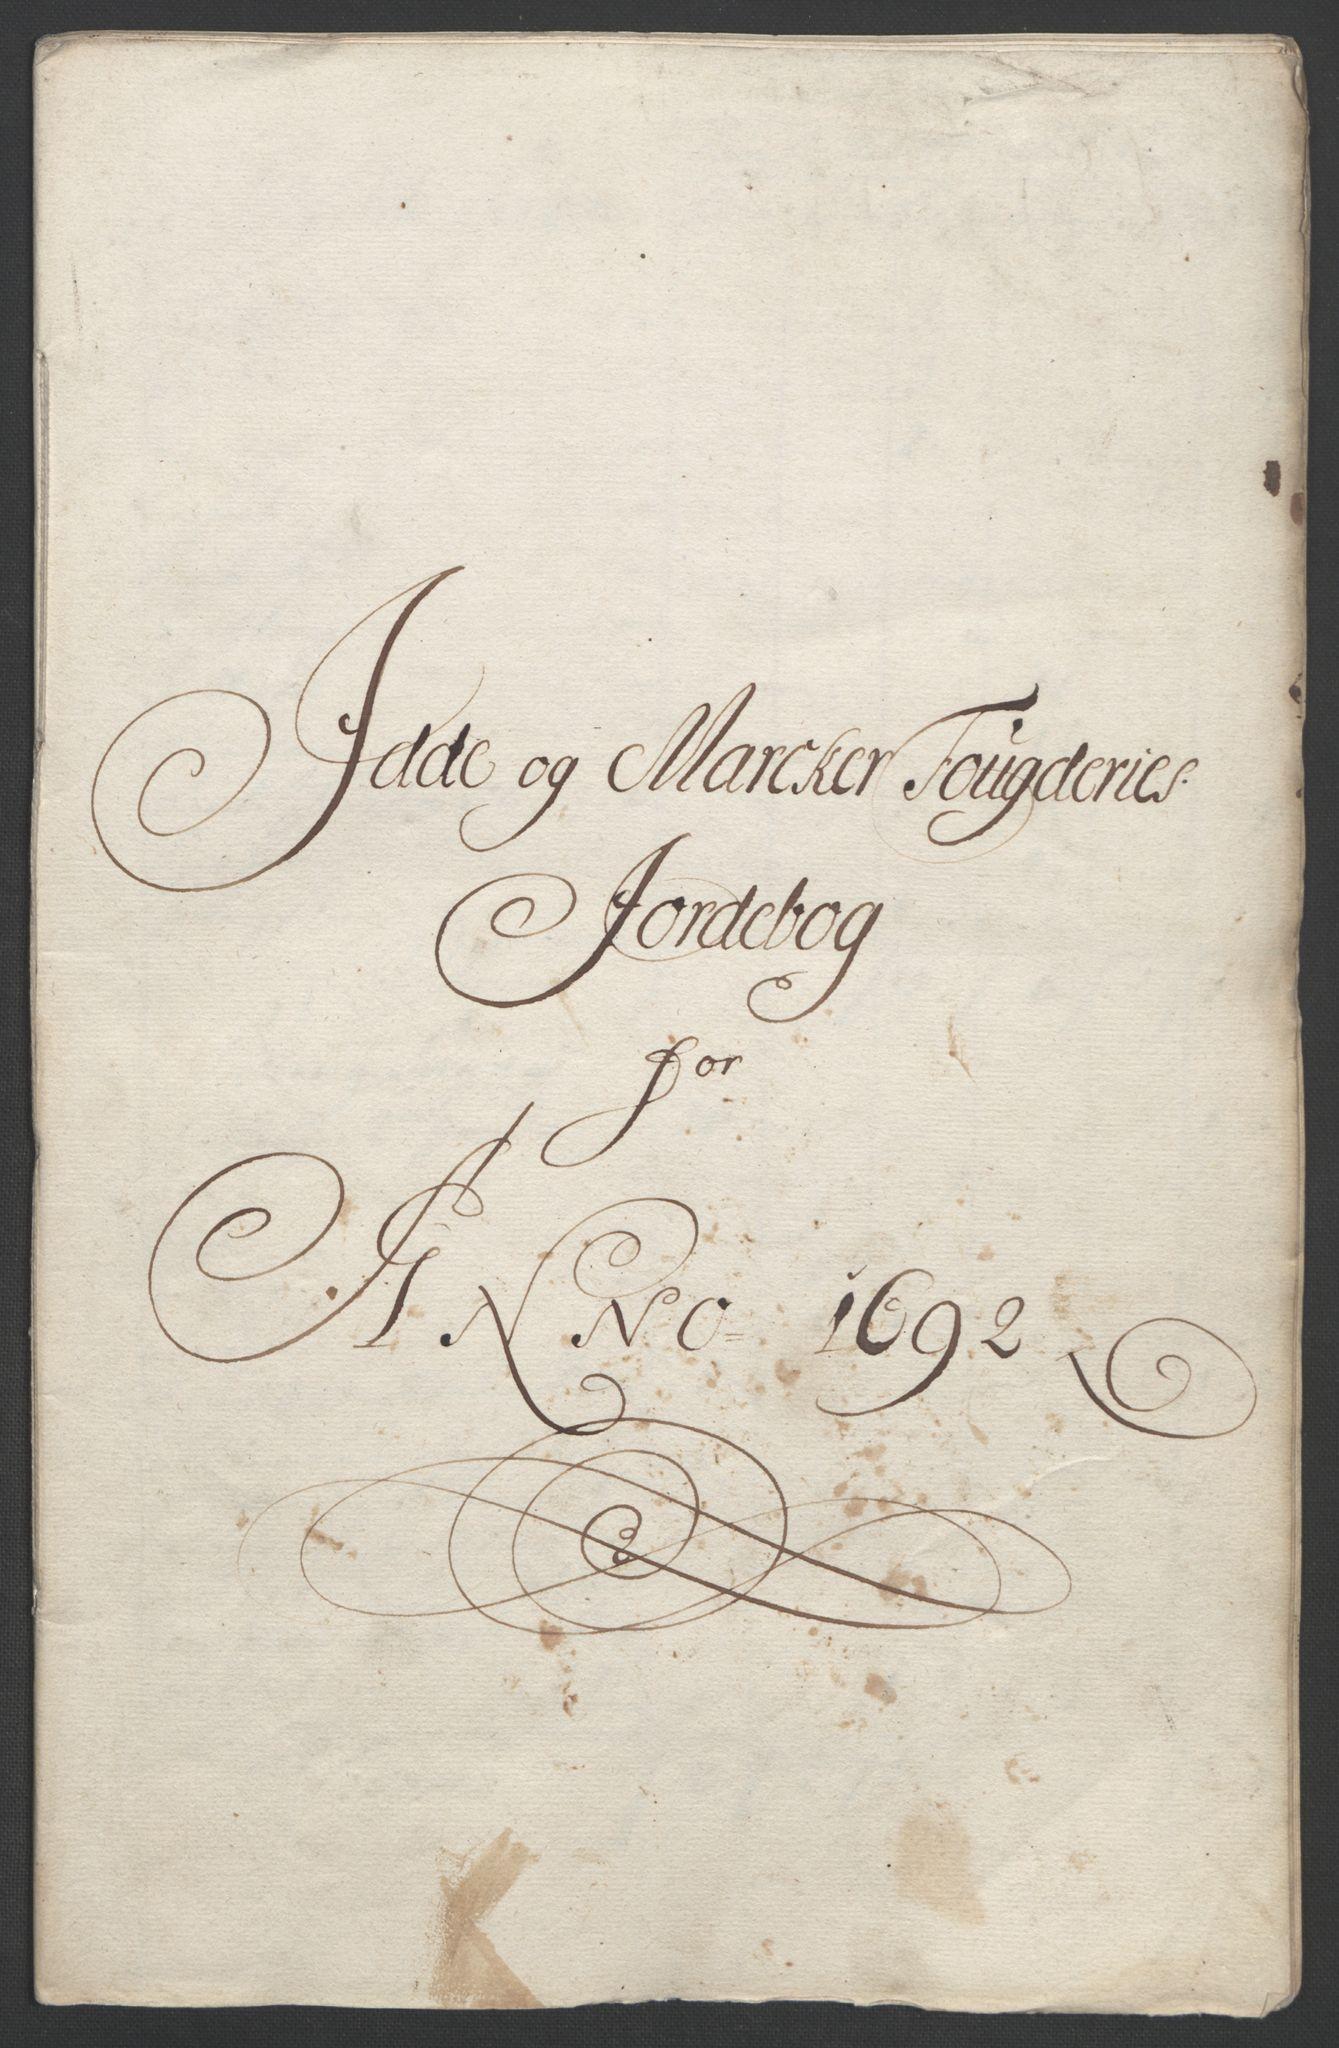 RA, Rentekammeret inntil 1814, Reviderte regnskaper, Fogderegnskap, R01/L0011: Fogderegnskap Idd og Marker, 1692-1693, s. 22